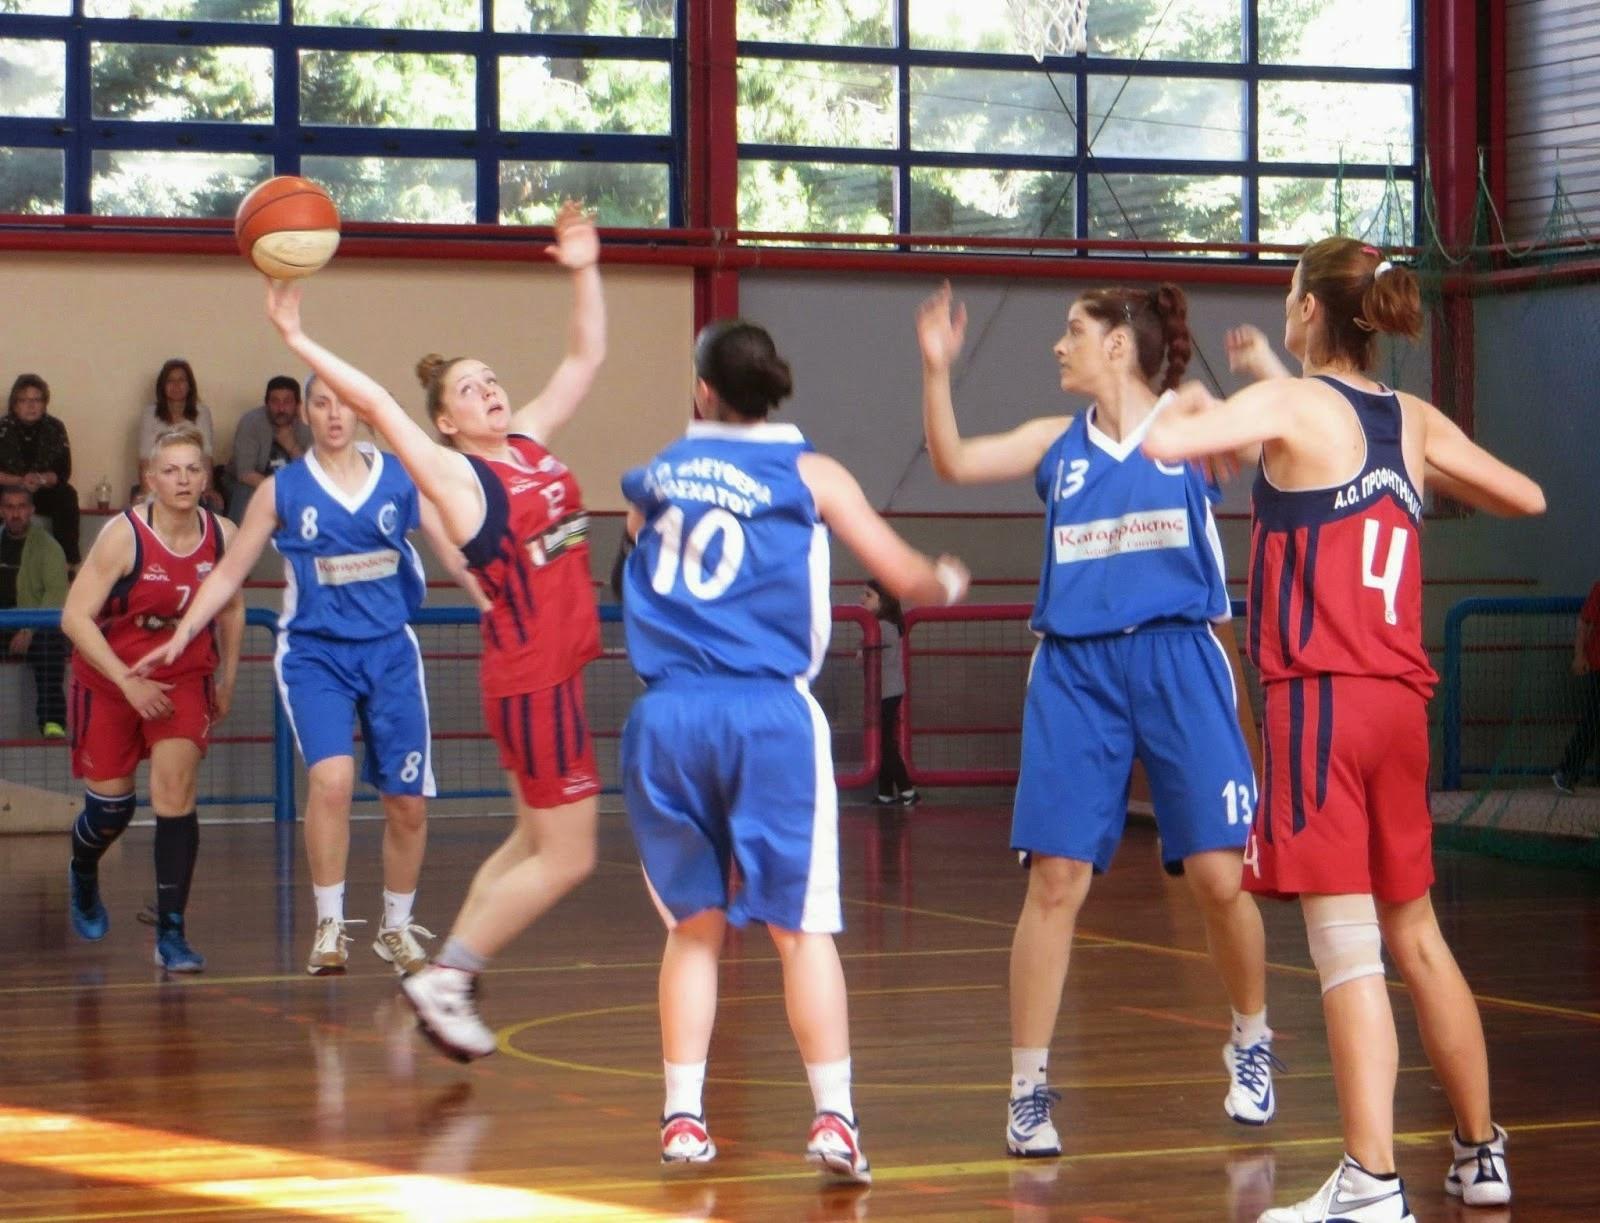 Στον τελικό των πλέϊ οφ των γυναικών η Ελευθερία Μοσχάτου 43-34 τον Προφ. Ηλία